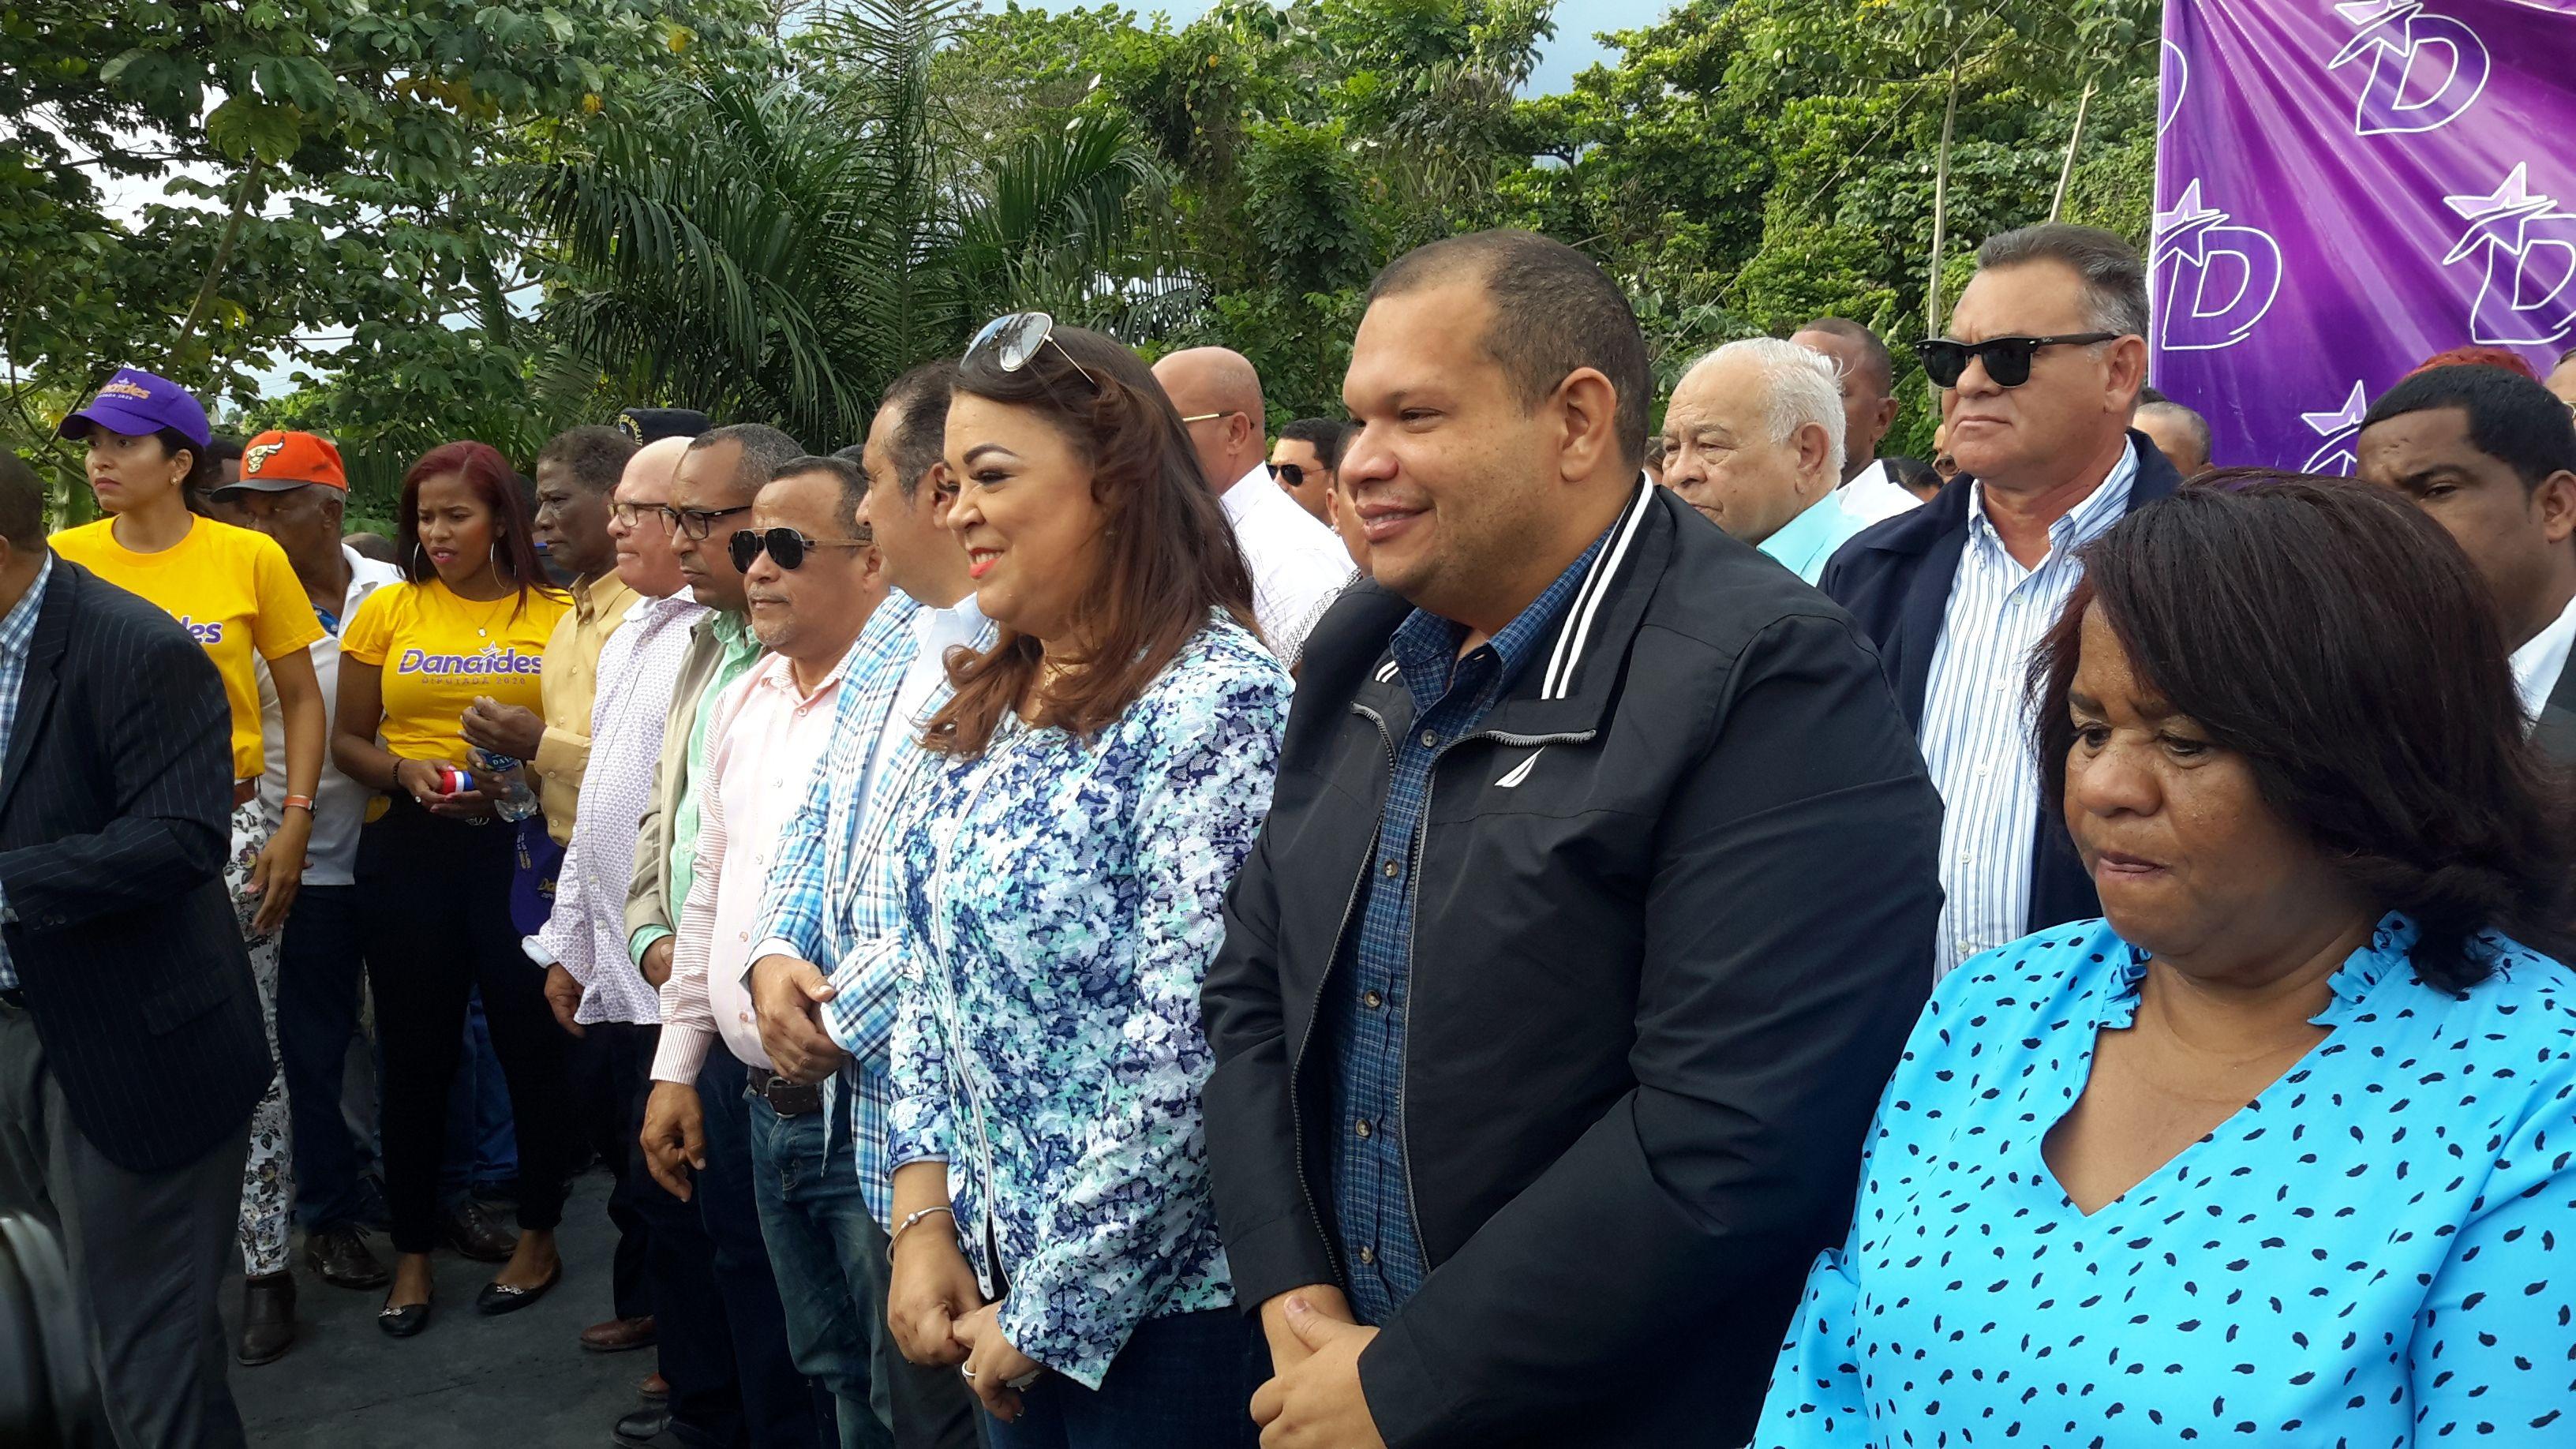 En el acto la Lic, Cristina Batista fue la persona escogida para dirigir palabras en representación de las mujeres del municipio.